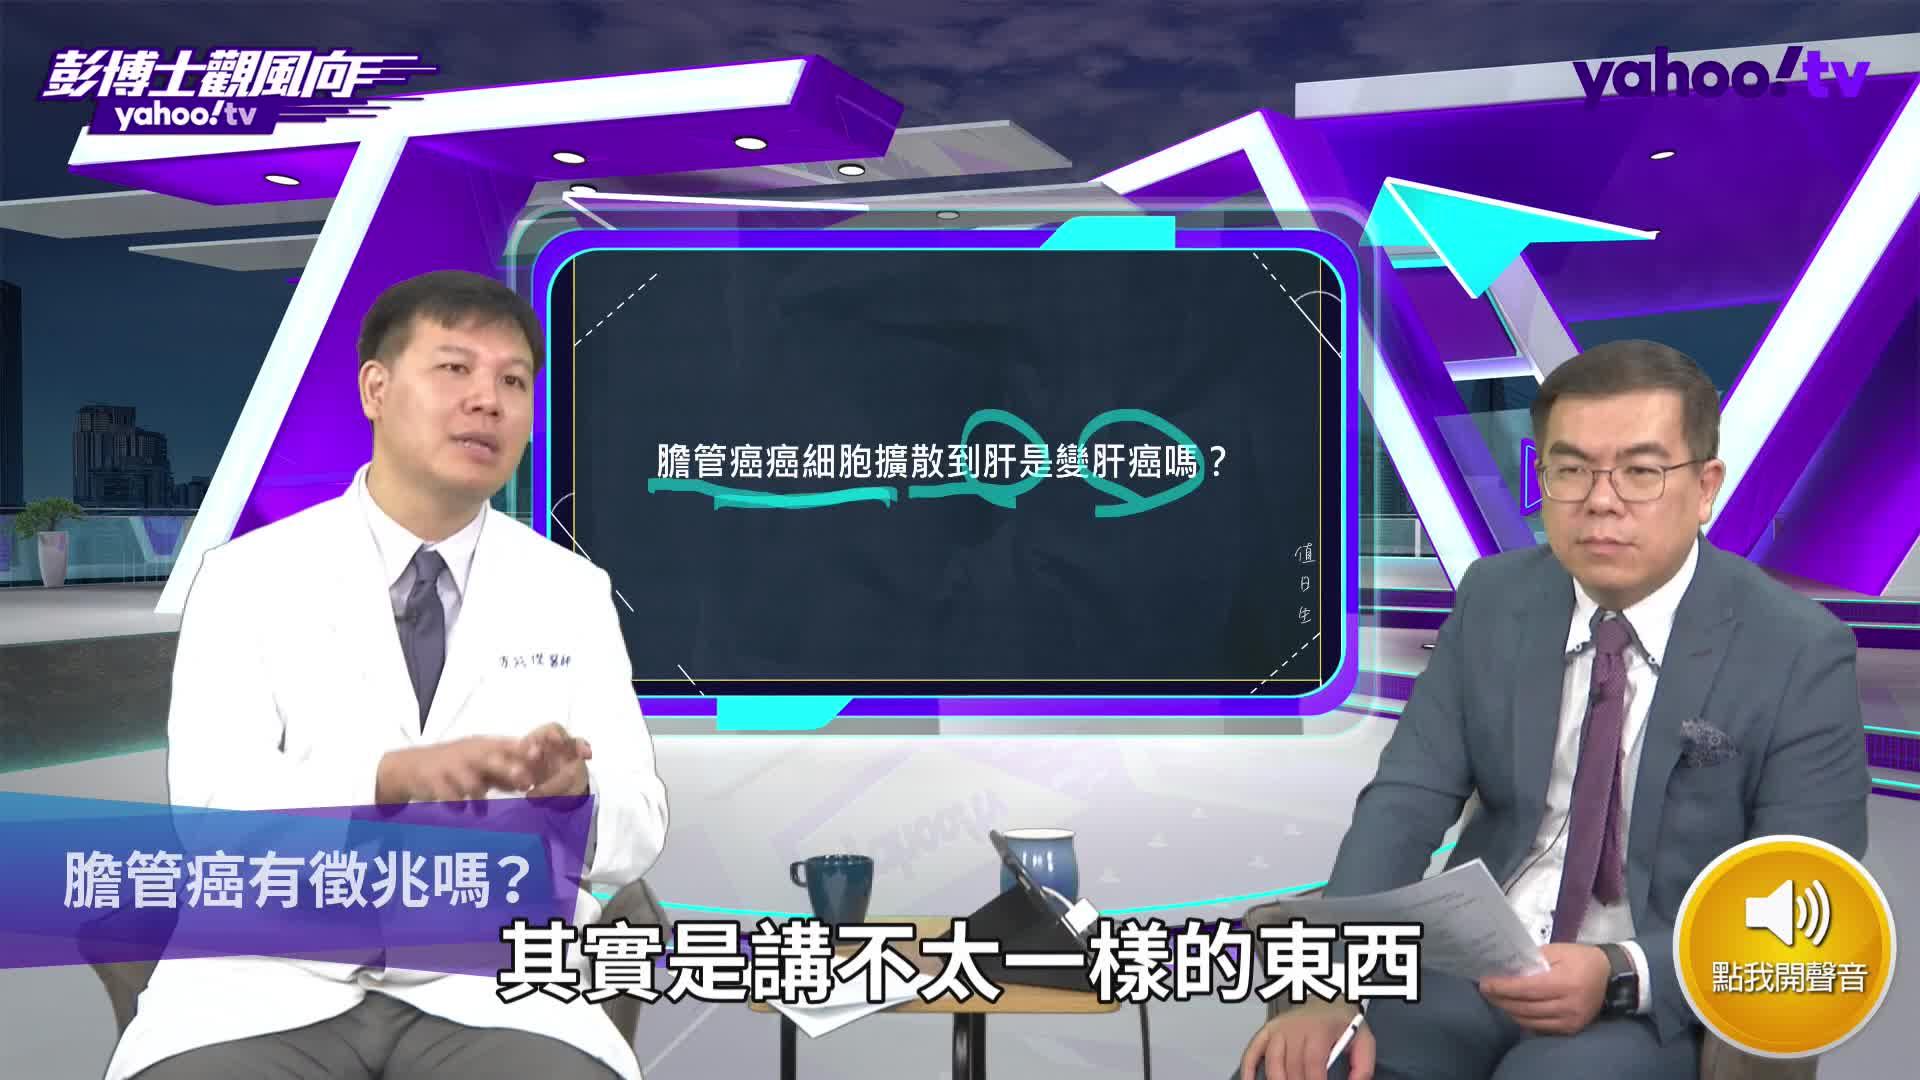 發生率略等於死亡率!醫師指這三個因素讓膽管癌被稱為孤兒癌!